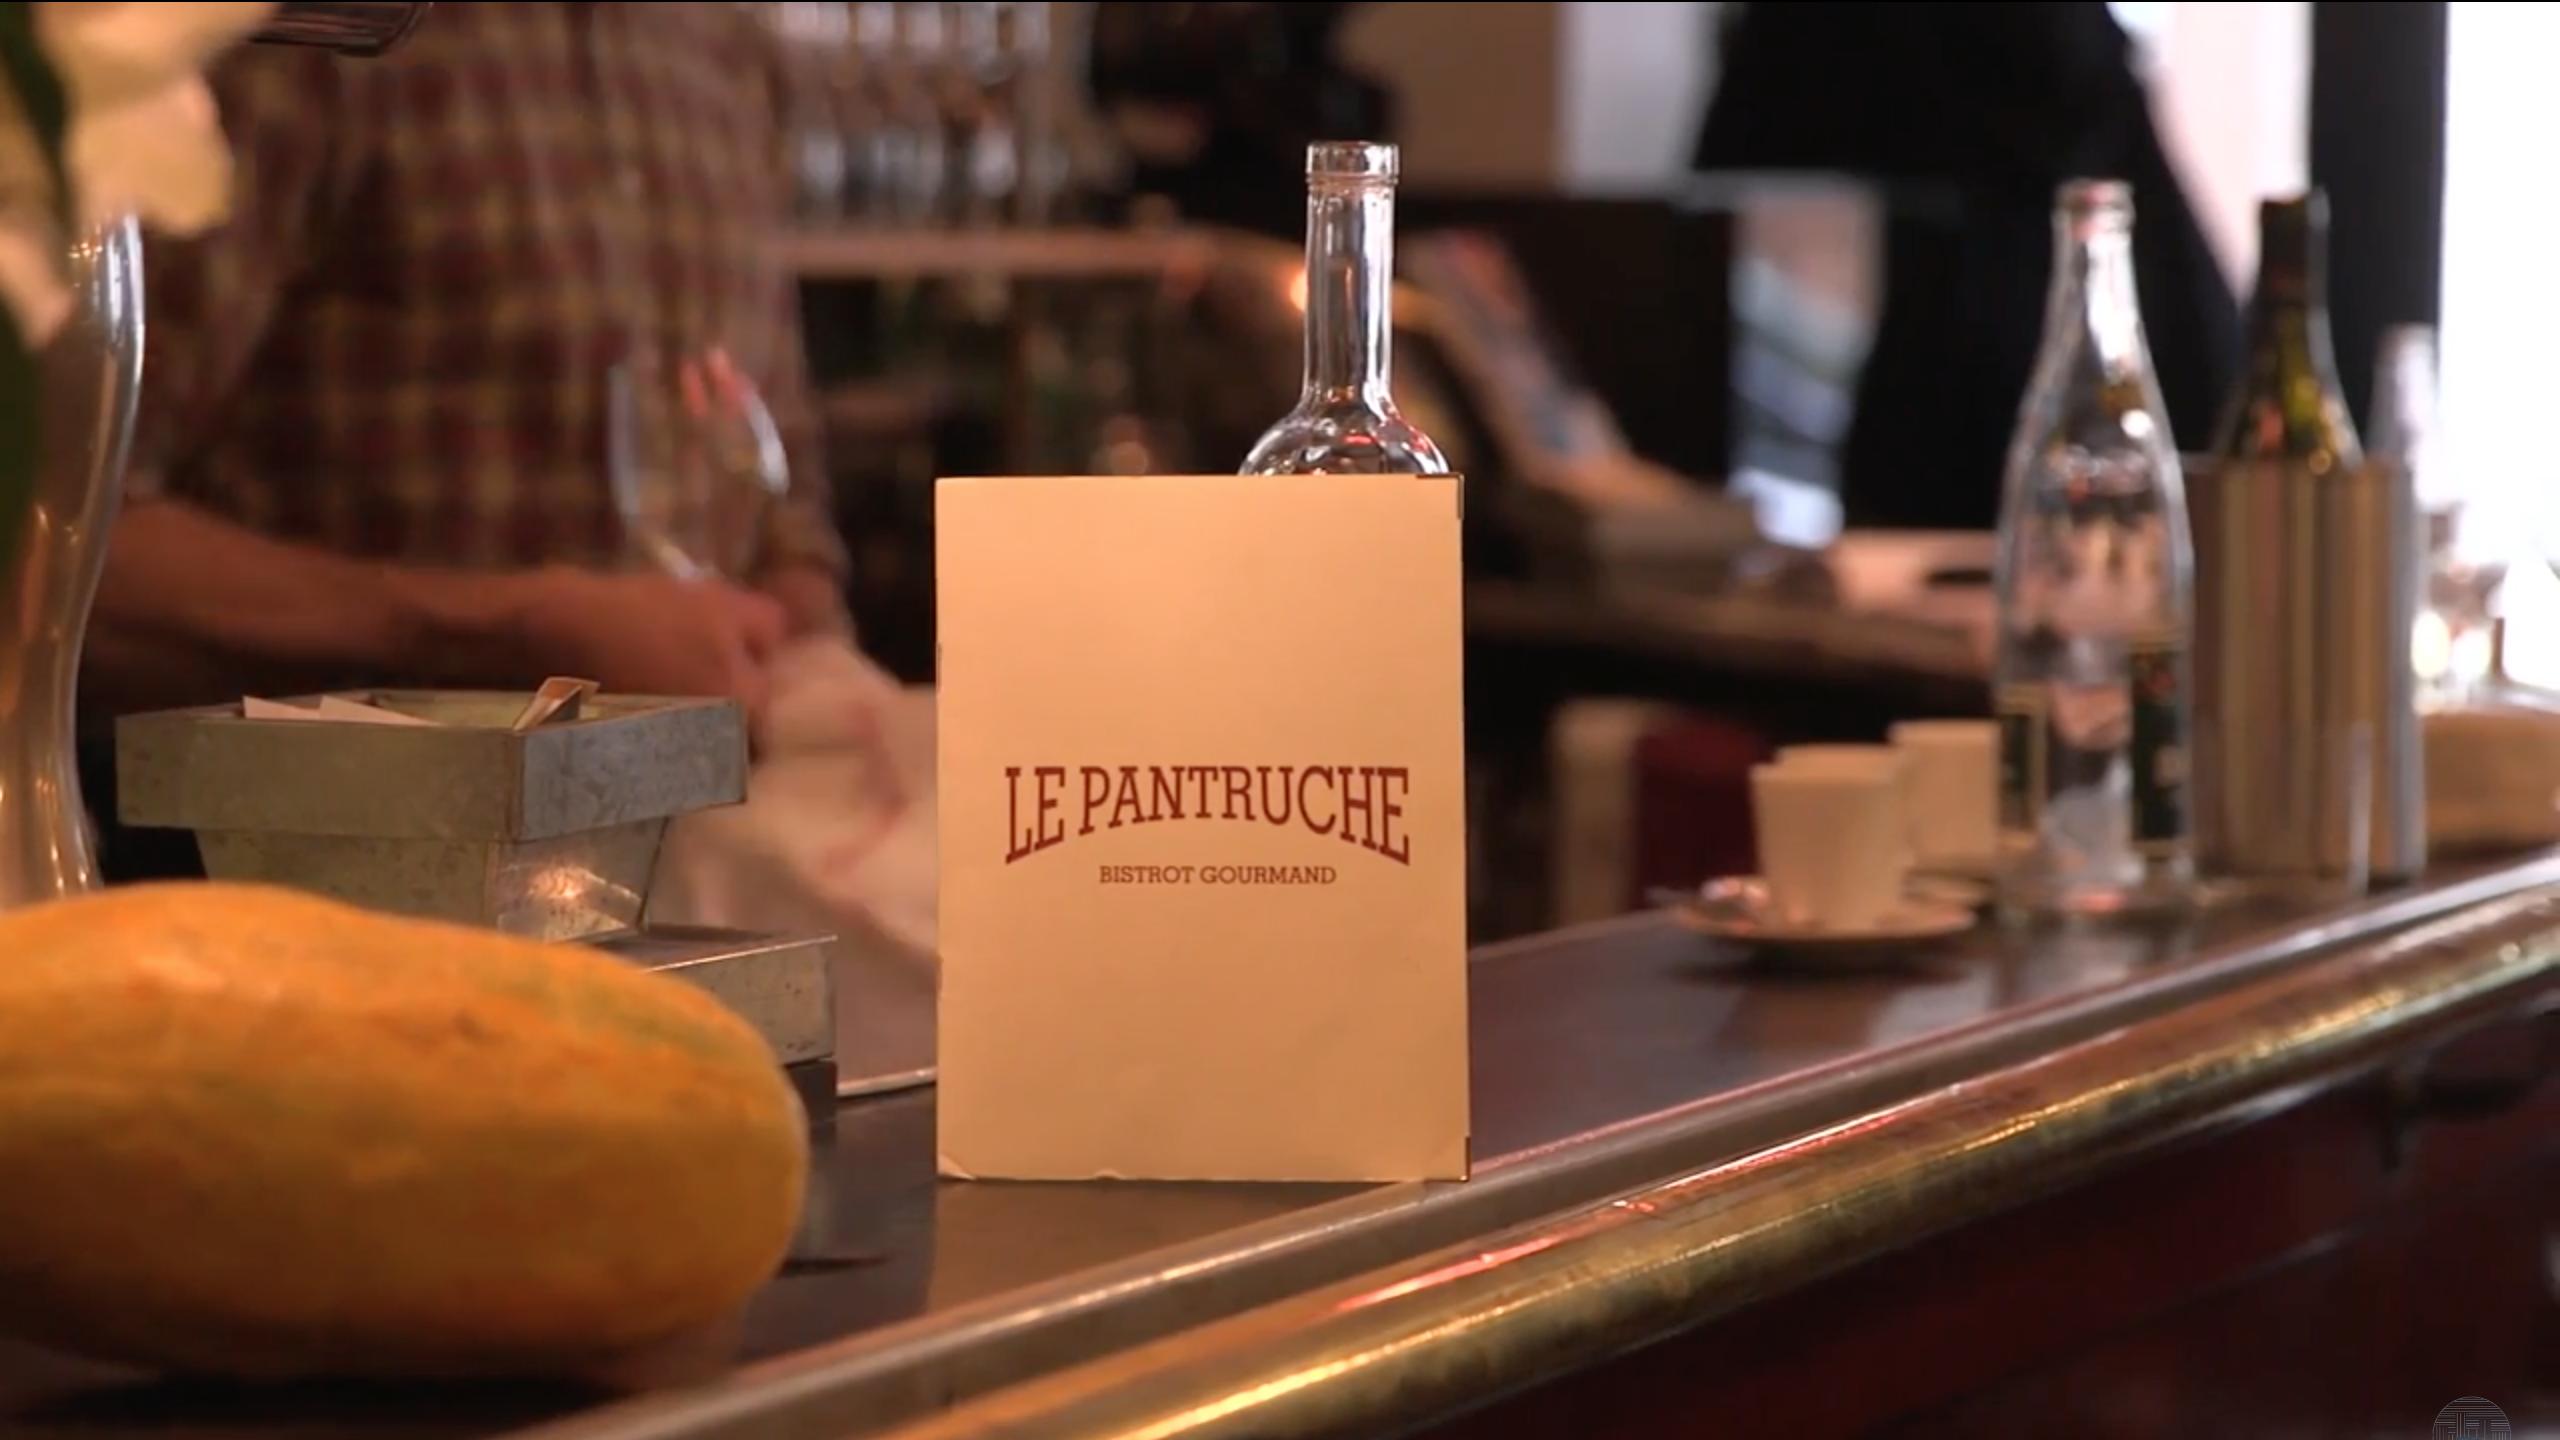 Vidéo restaurant Le Pantruche